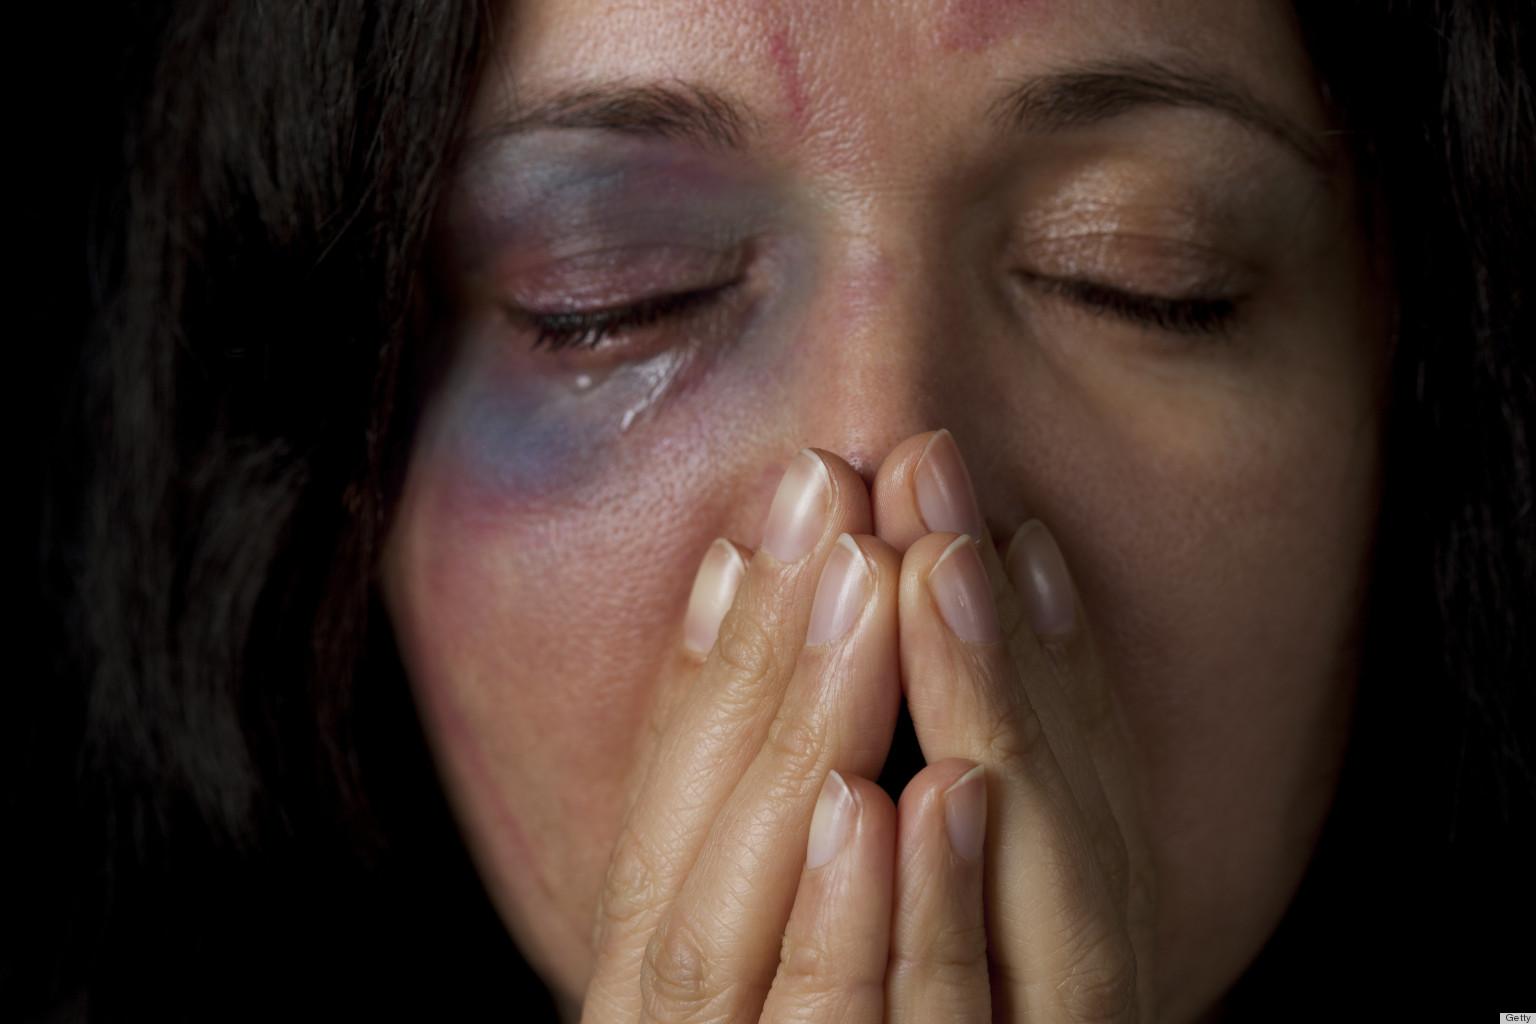 جنسی اور صنفی بنیادوں پر ہونے والے تشدد کی اشکال اور غیر موثر قانون ساز